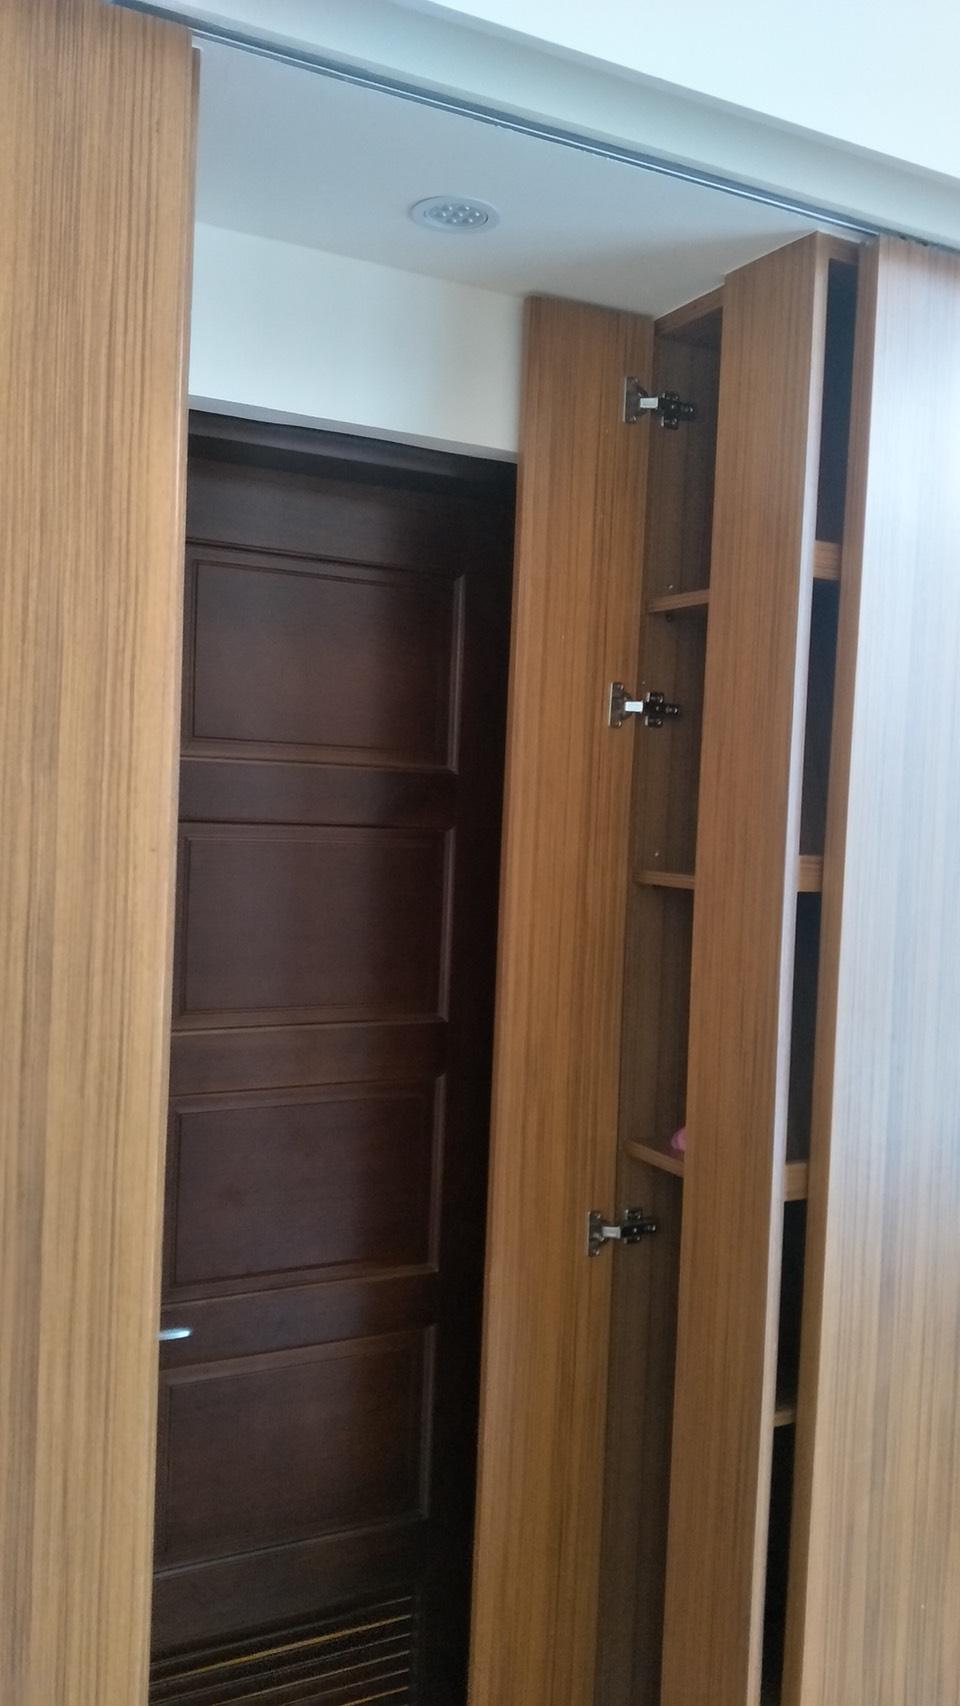 台北市住家室內裝潢衣櫃系統櫃木工 (27)